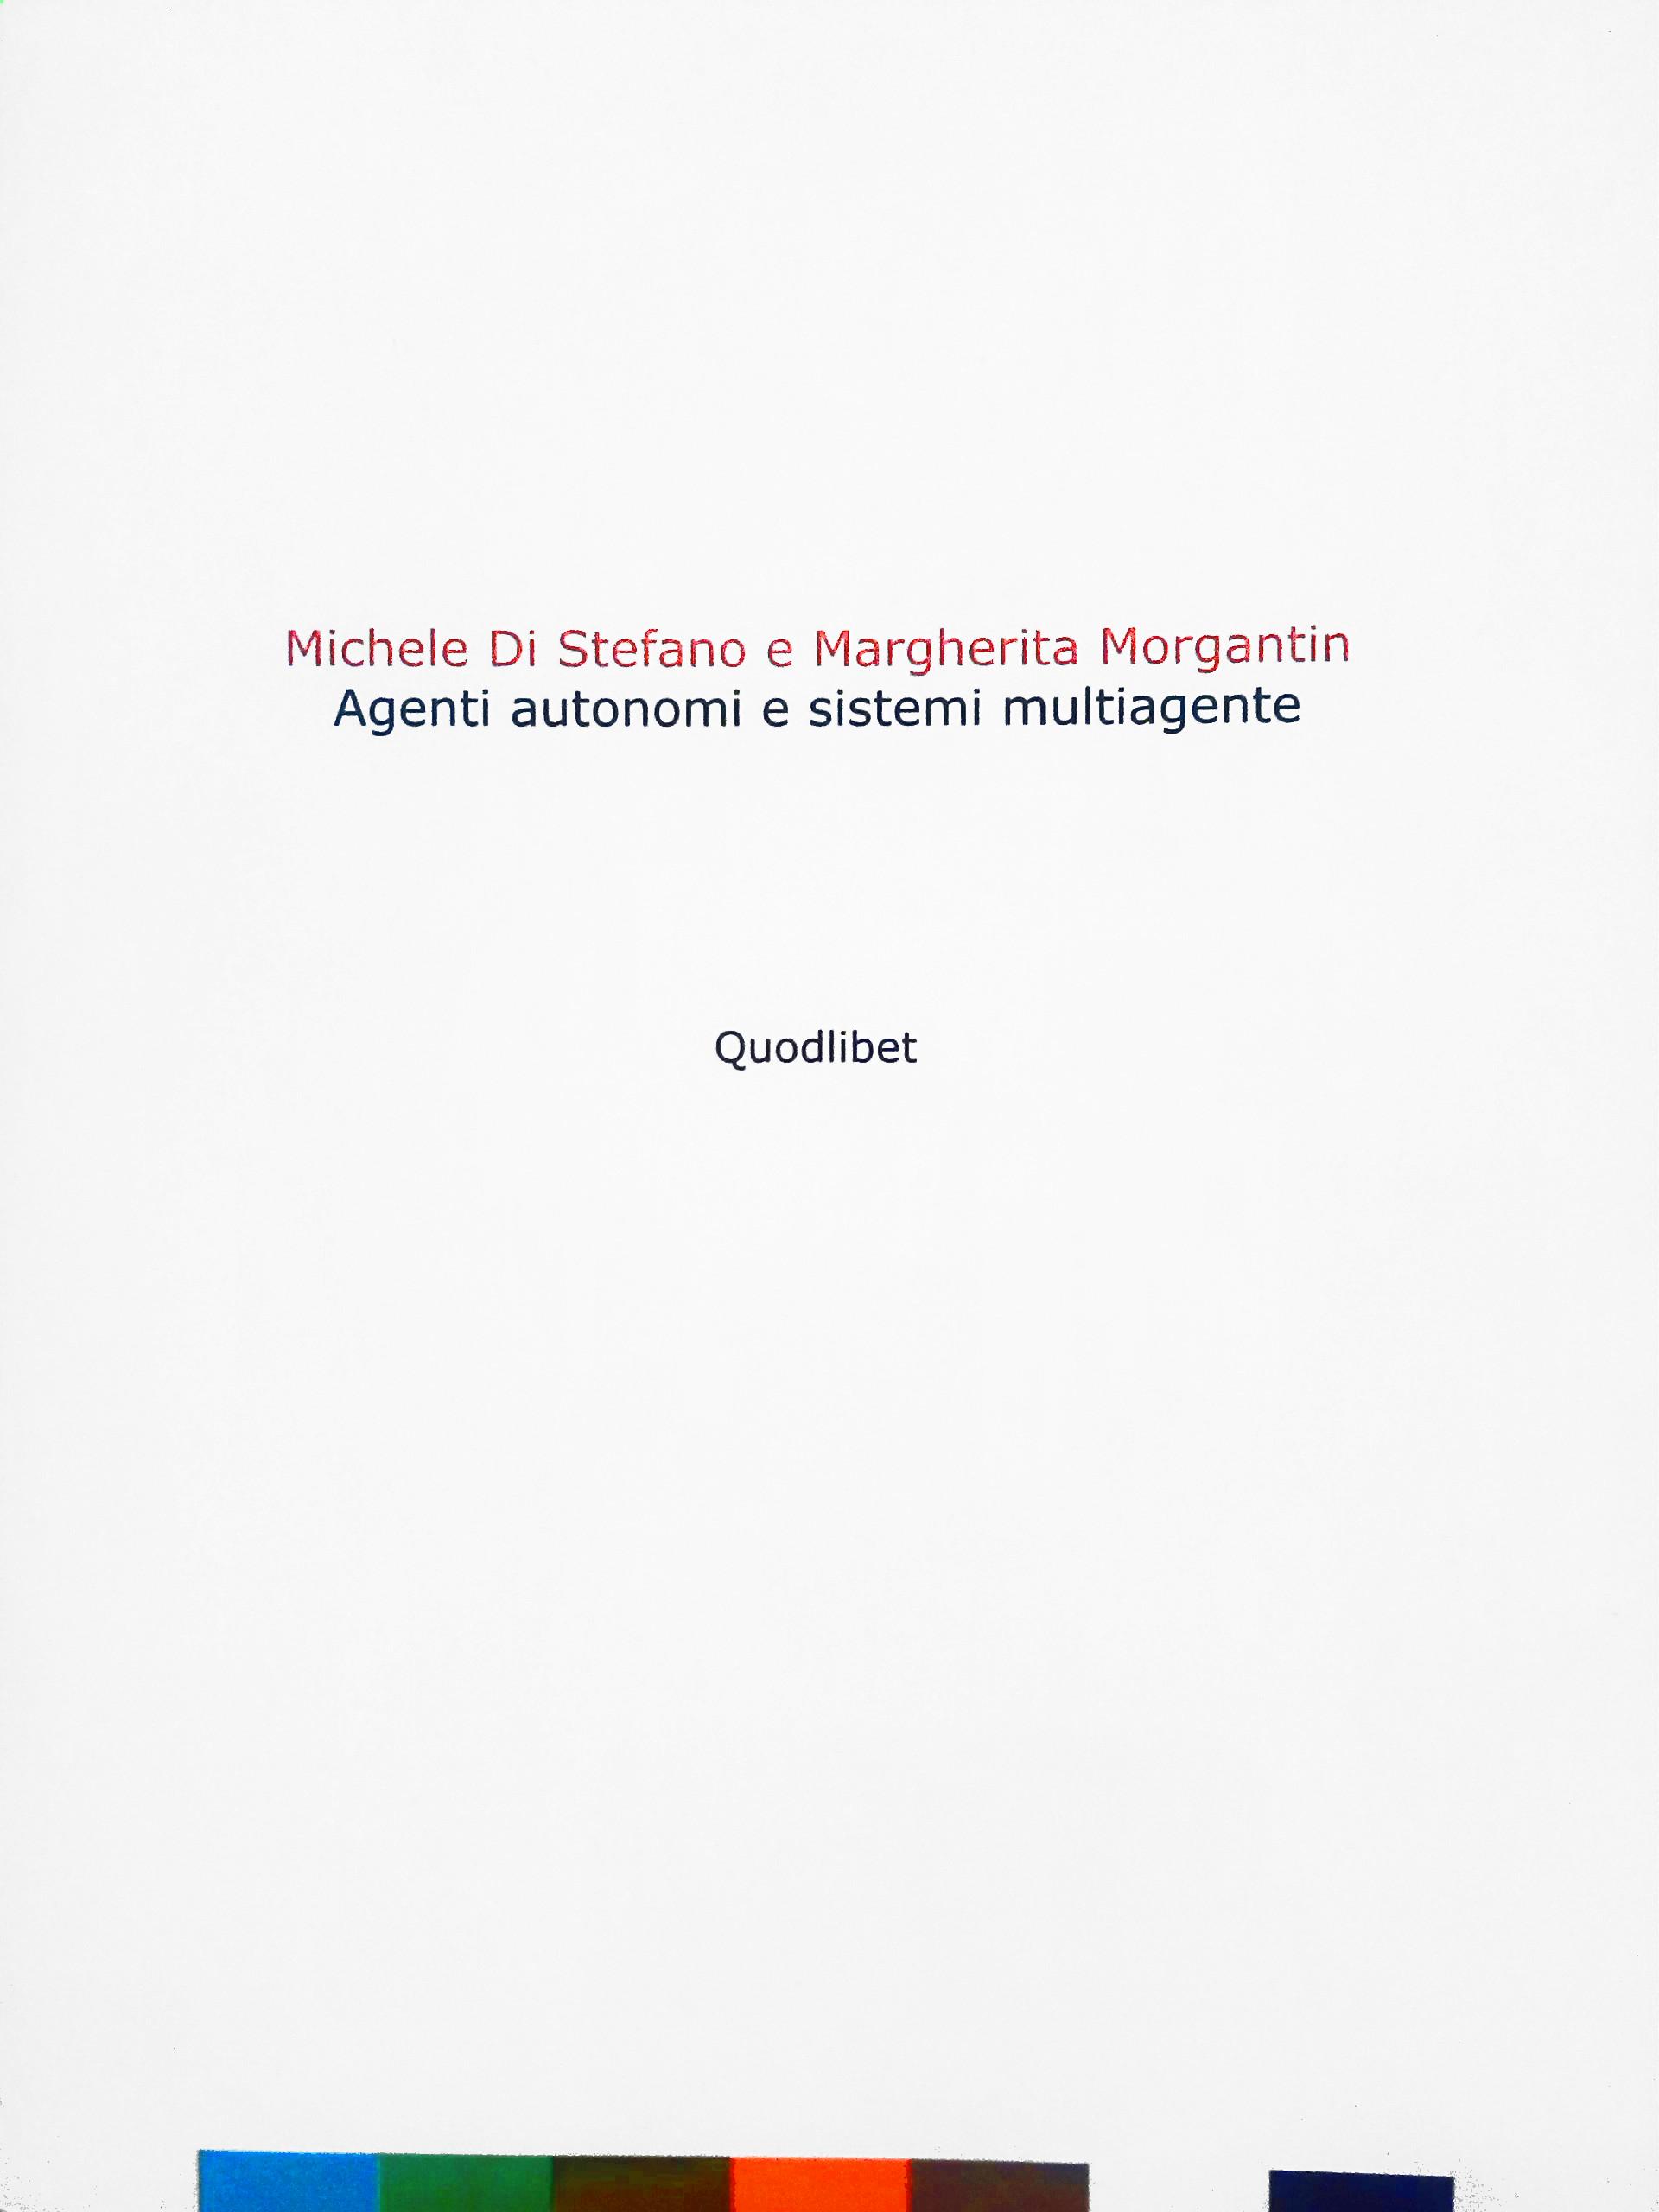 Agenti autonomi e sistemi multiagente